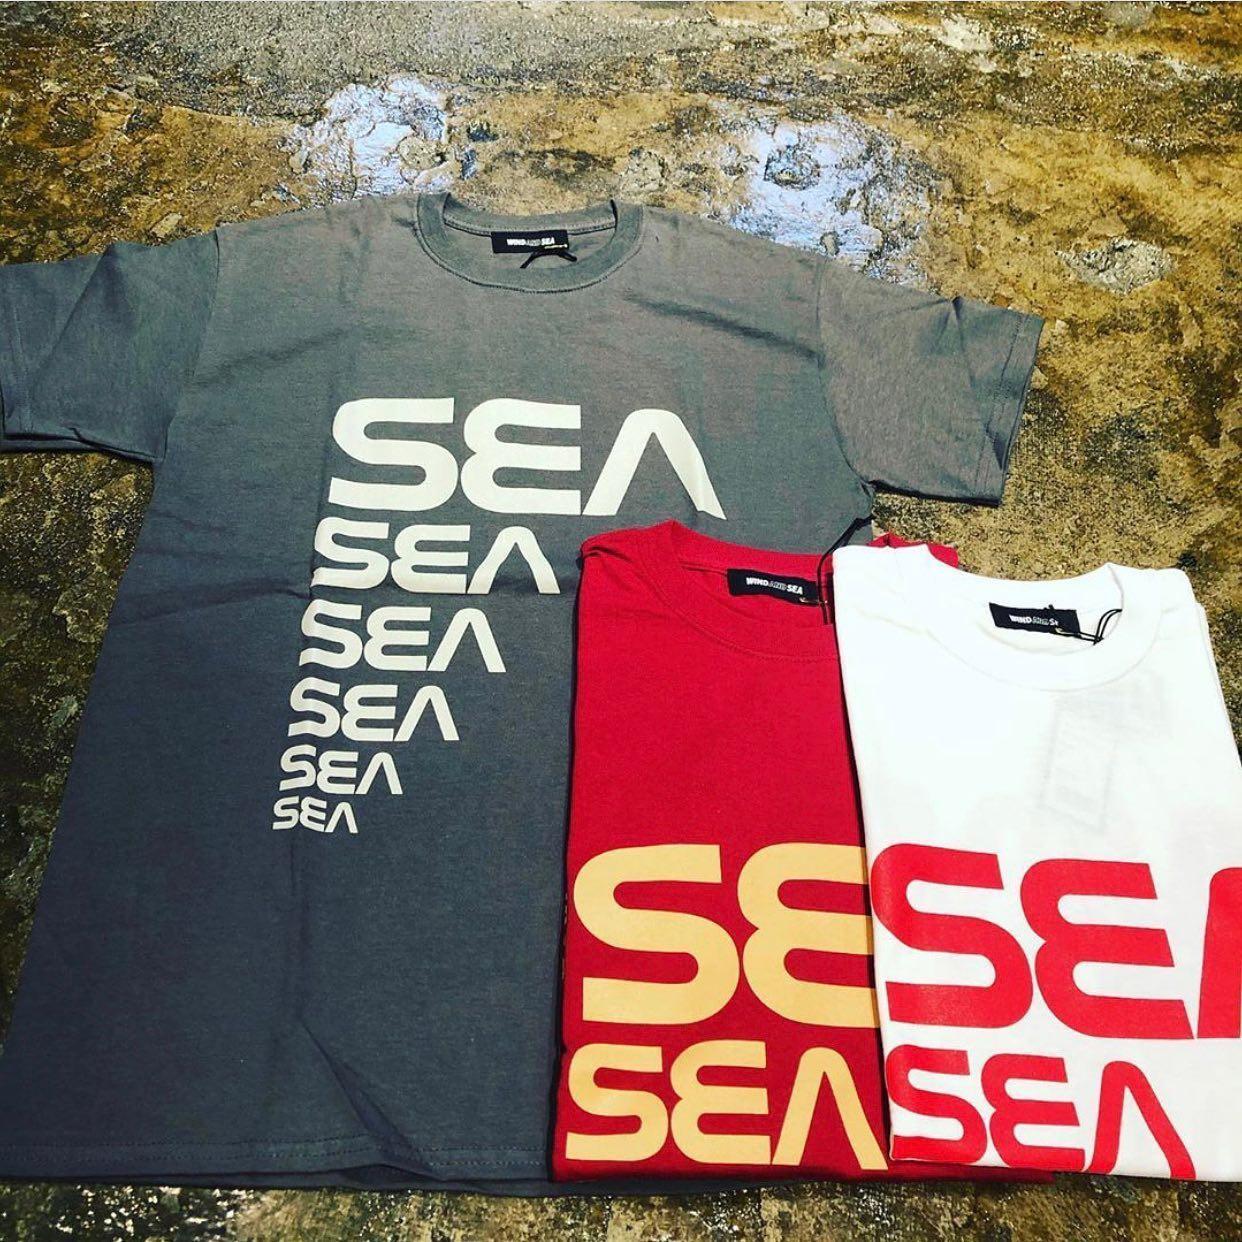 【6月27日12時発売】WIND AND SEA ウィンダンシー SEA (CSM) T-SHIRT WDS-20S2-CS-04 ・・新作Tシャツ! ・・発売時間まで商品ページは非公開になります。 ・・税込7,150円 ・・#windandsea #windandseawear #ウィンダンシー#tシャツ#tshirt#tshirts#プリントtシャツ #cutsewn #カットソー #mensfashion #メンズファッション #instafashion #fashionstagram #selectshop #セレクトショップ #streetfashion #streetwear #ストリートファッション #通販サイト#ファッション通販 #ファッション通販サイト#正規取扱店 #正規品 #alleyonlineshop#alleycompany #mood